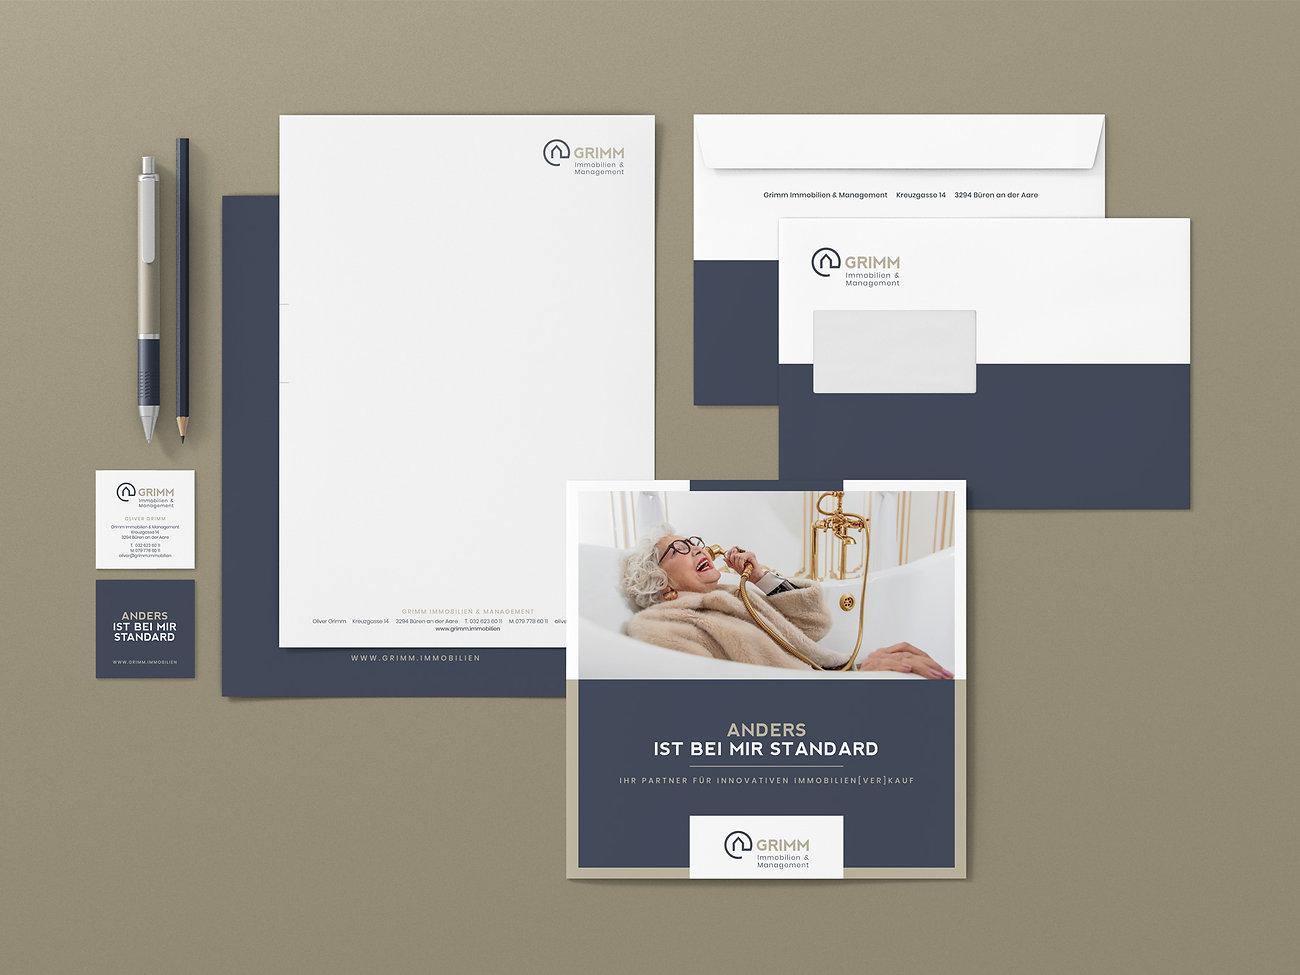 Branding Grimm Immobilien Schweiz, Designstudio Lohrer, Grafikdesign, Webdesign, Werbung, Werbeagentur, Nürnberg, Fürth, Corporate Design, Branding, Markenentwicklung, Markenstrategie, Logodesign, Verpackungsdesign, Geschäftsausstattung, Flyer, Plakate, Anzeigen, Design für Print und digitale Medien